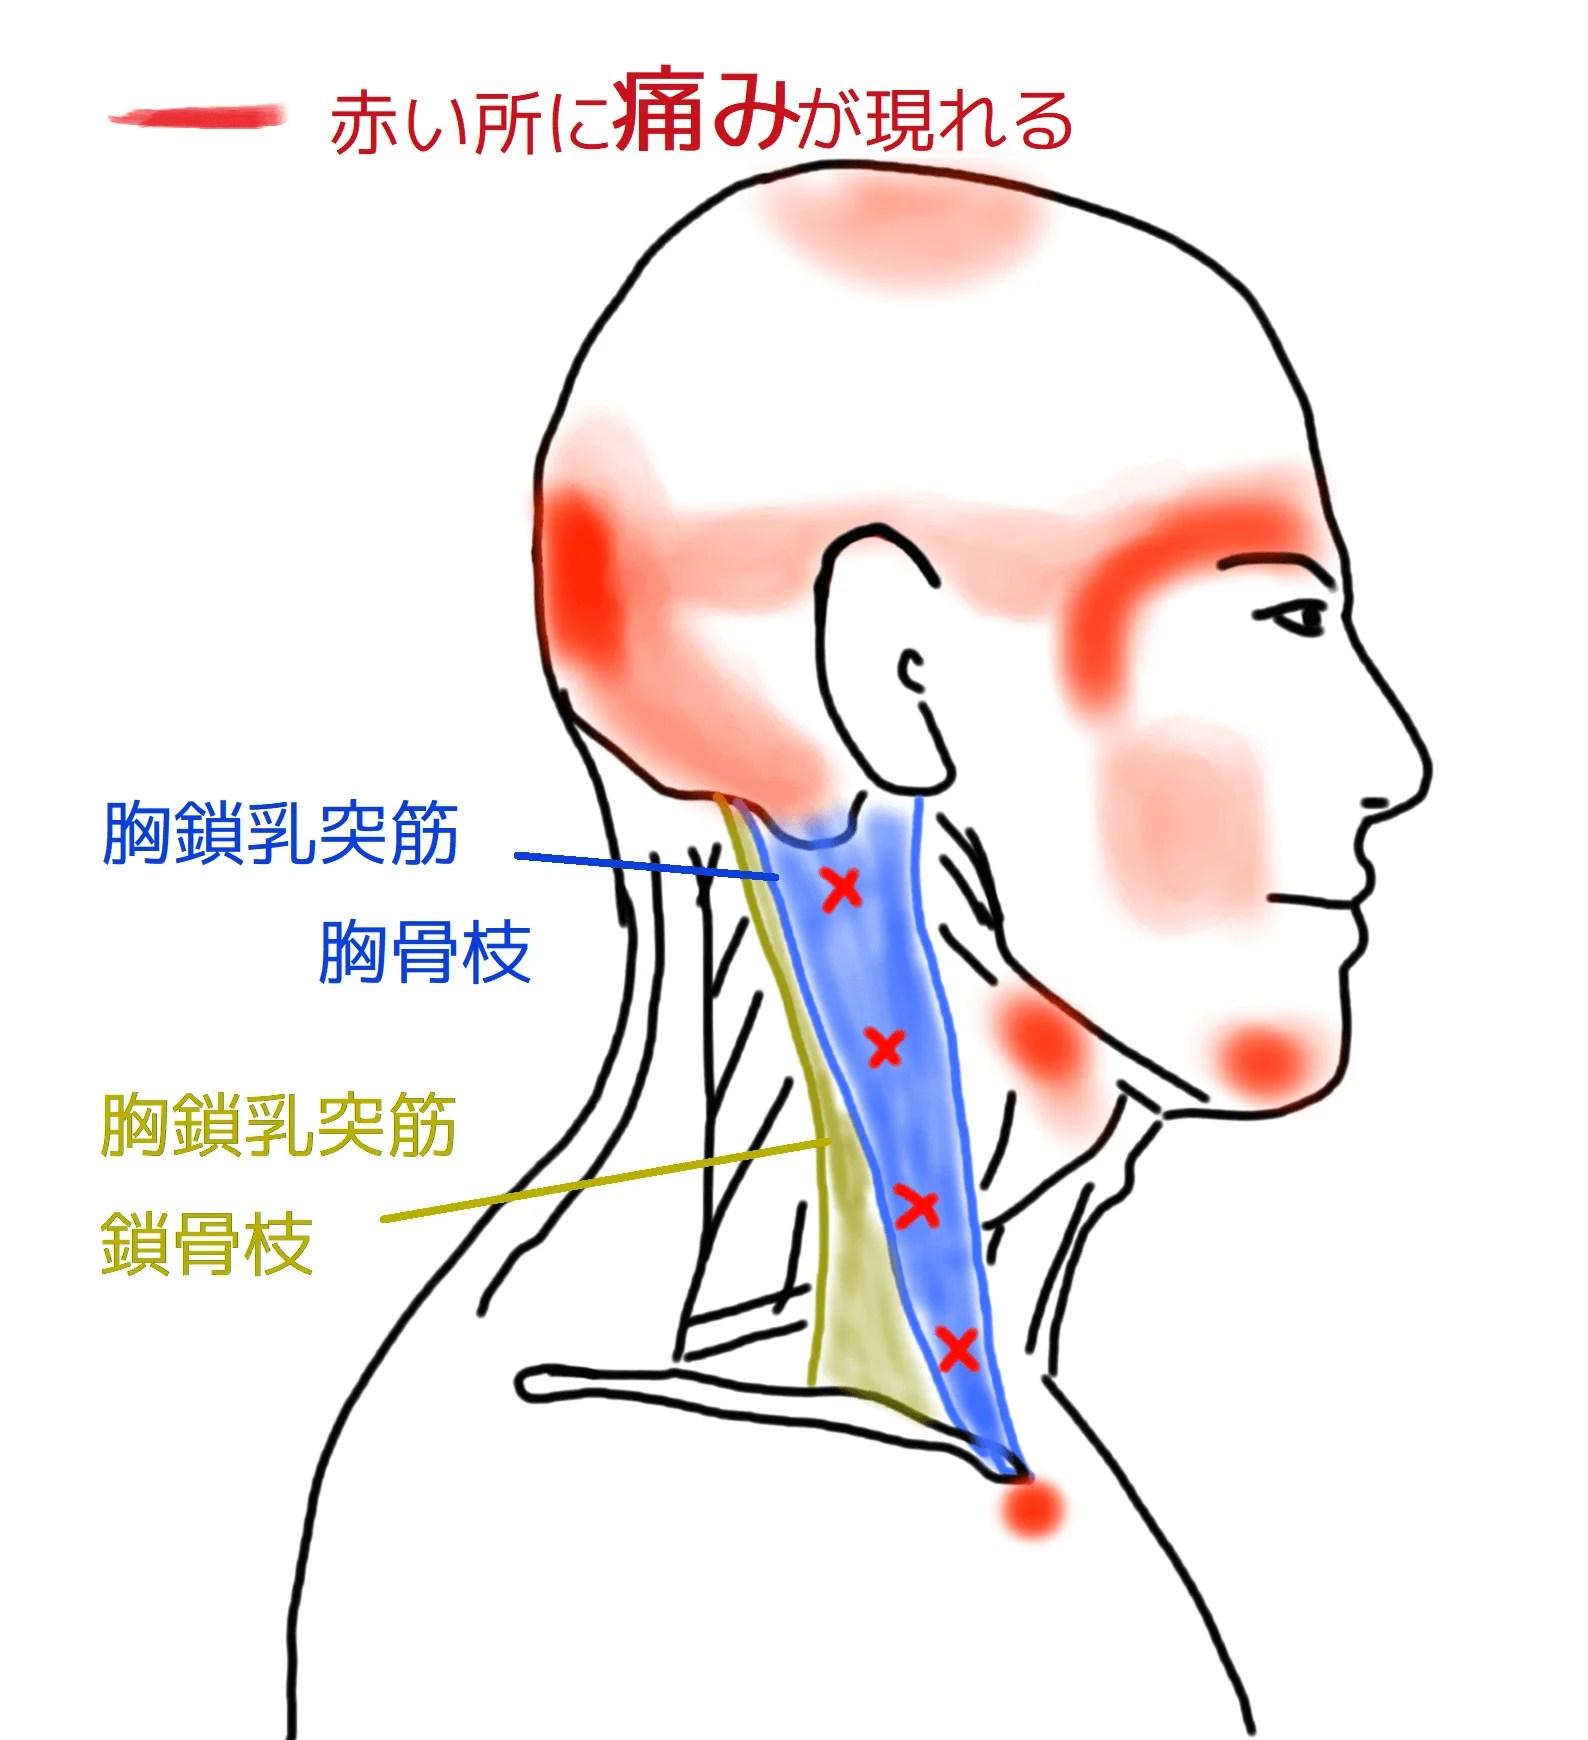 胸鎖乳突筋のはり治療 加古川市 | 兵庫県 加古川市 はり灸 ...